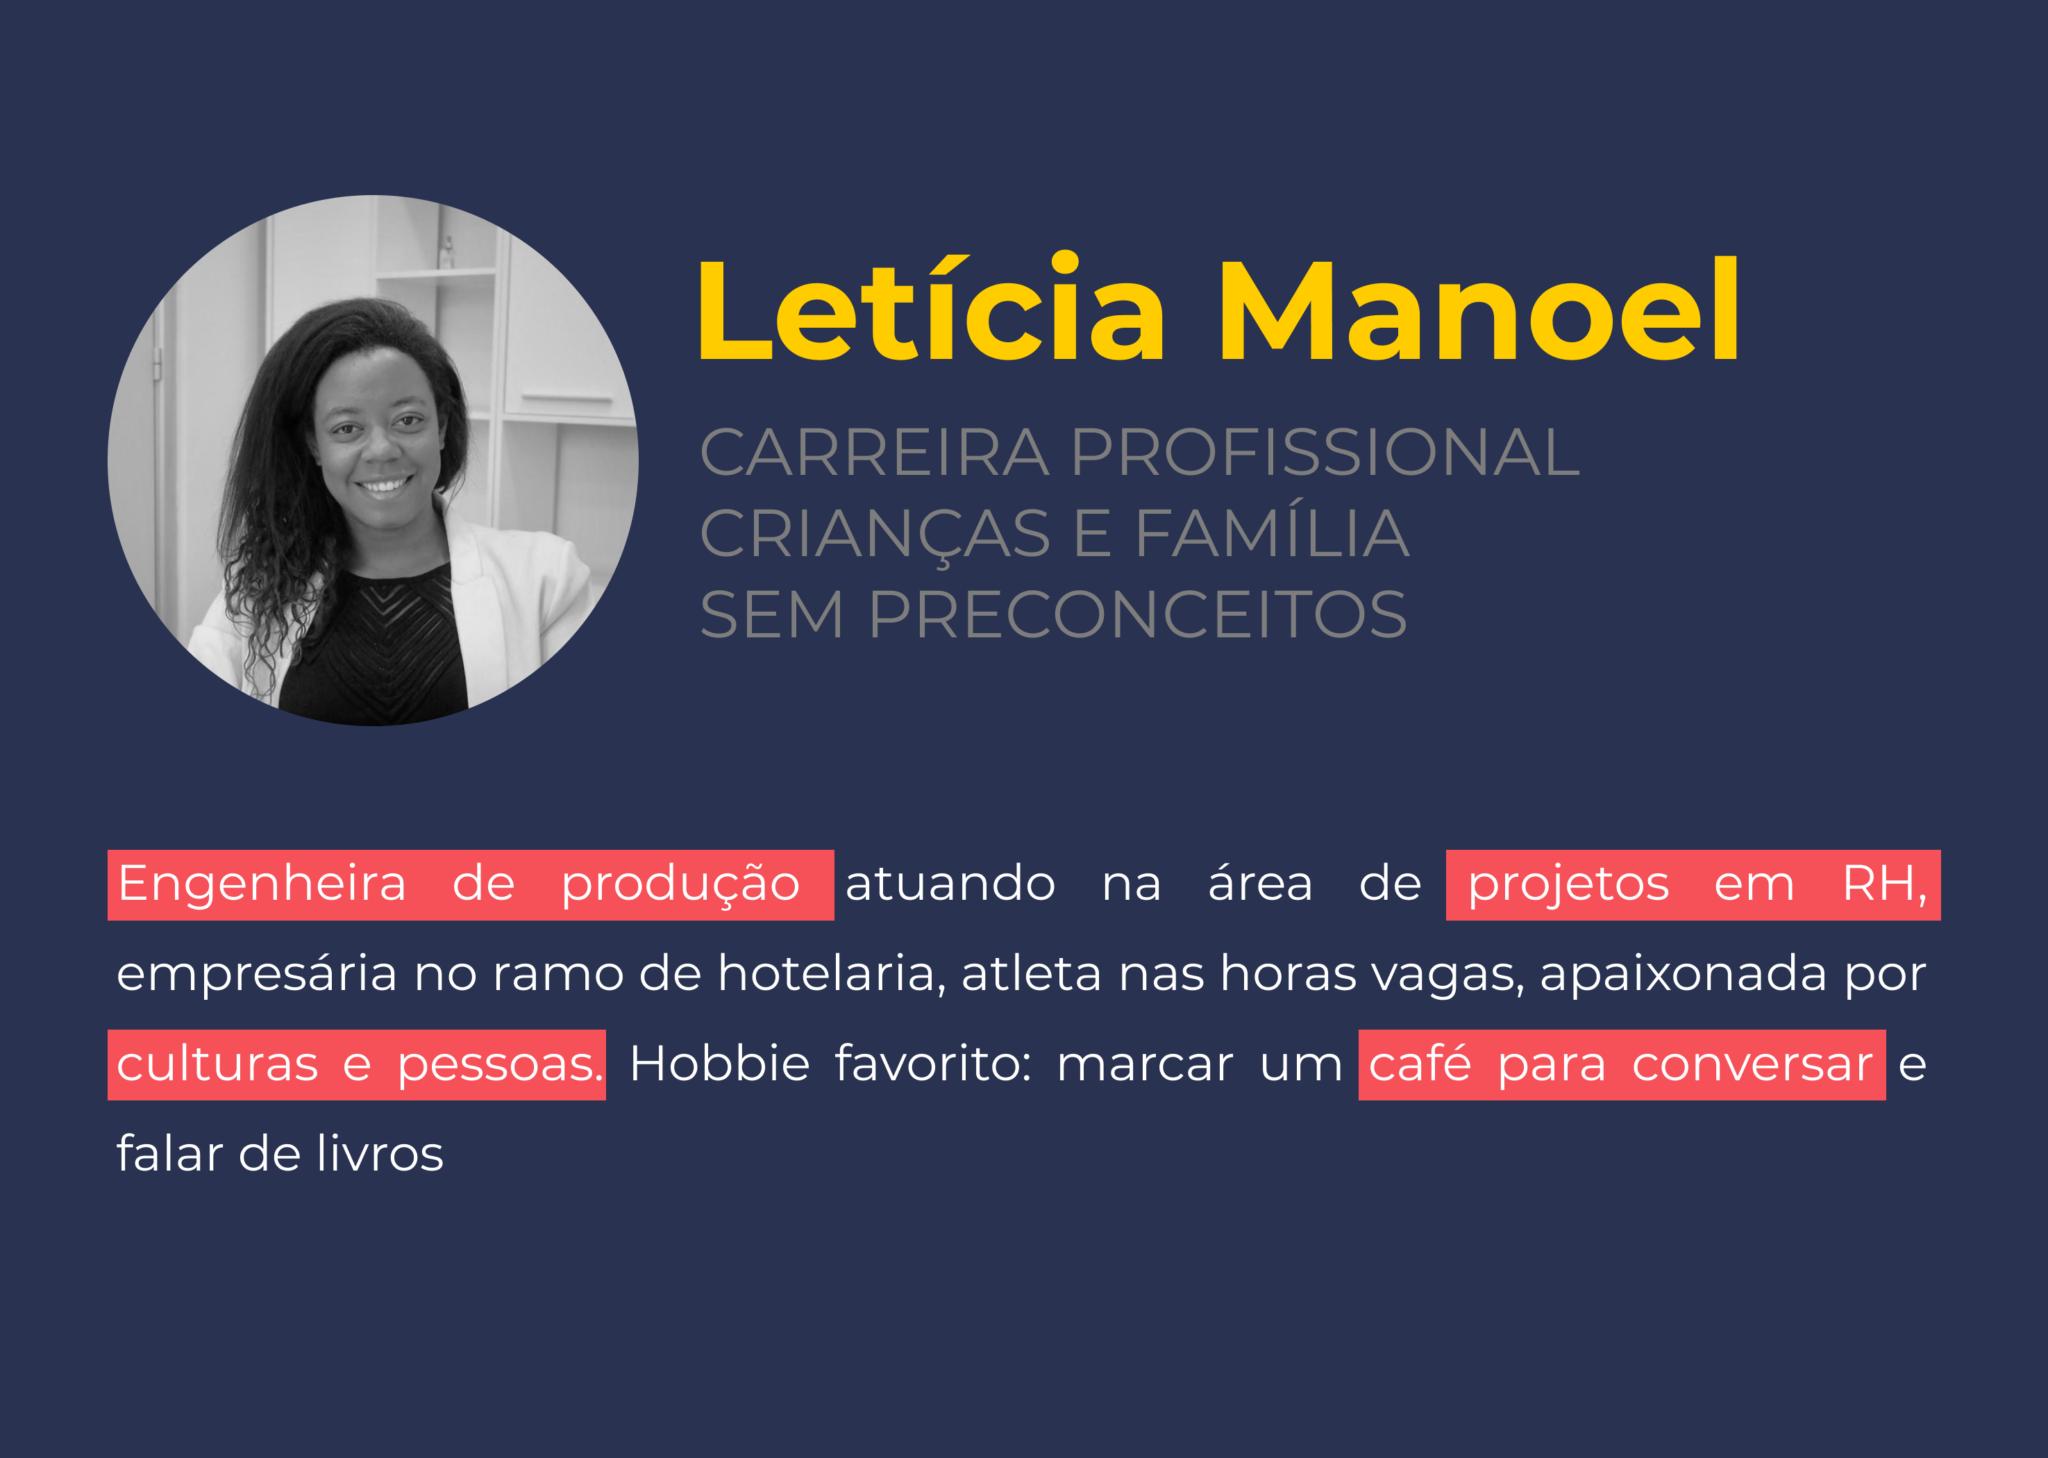 Leticia Manoel